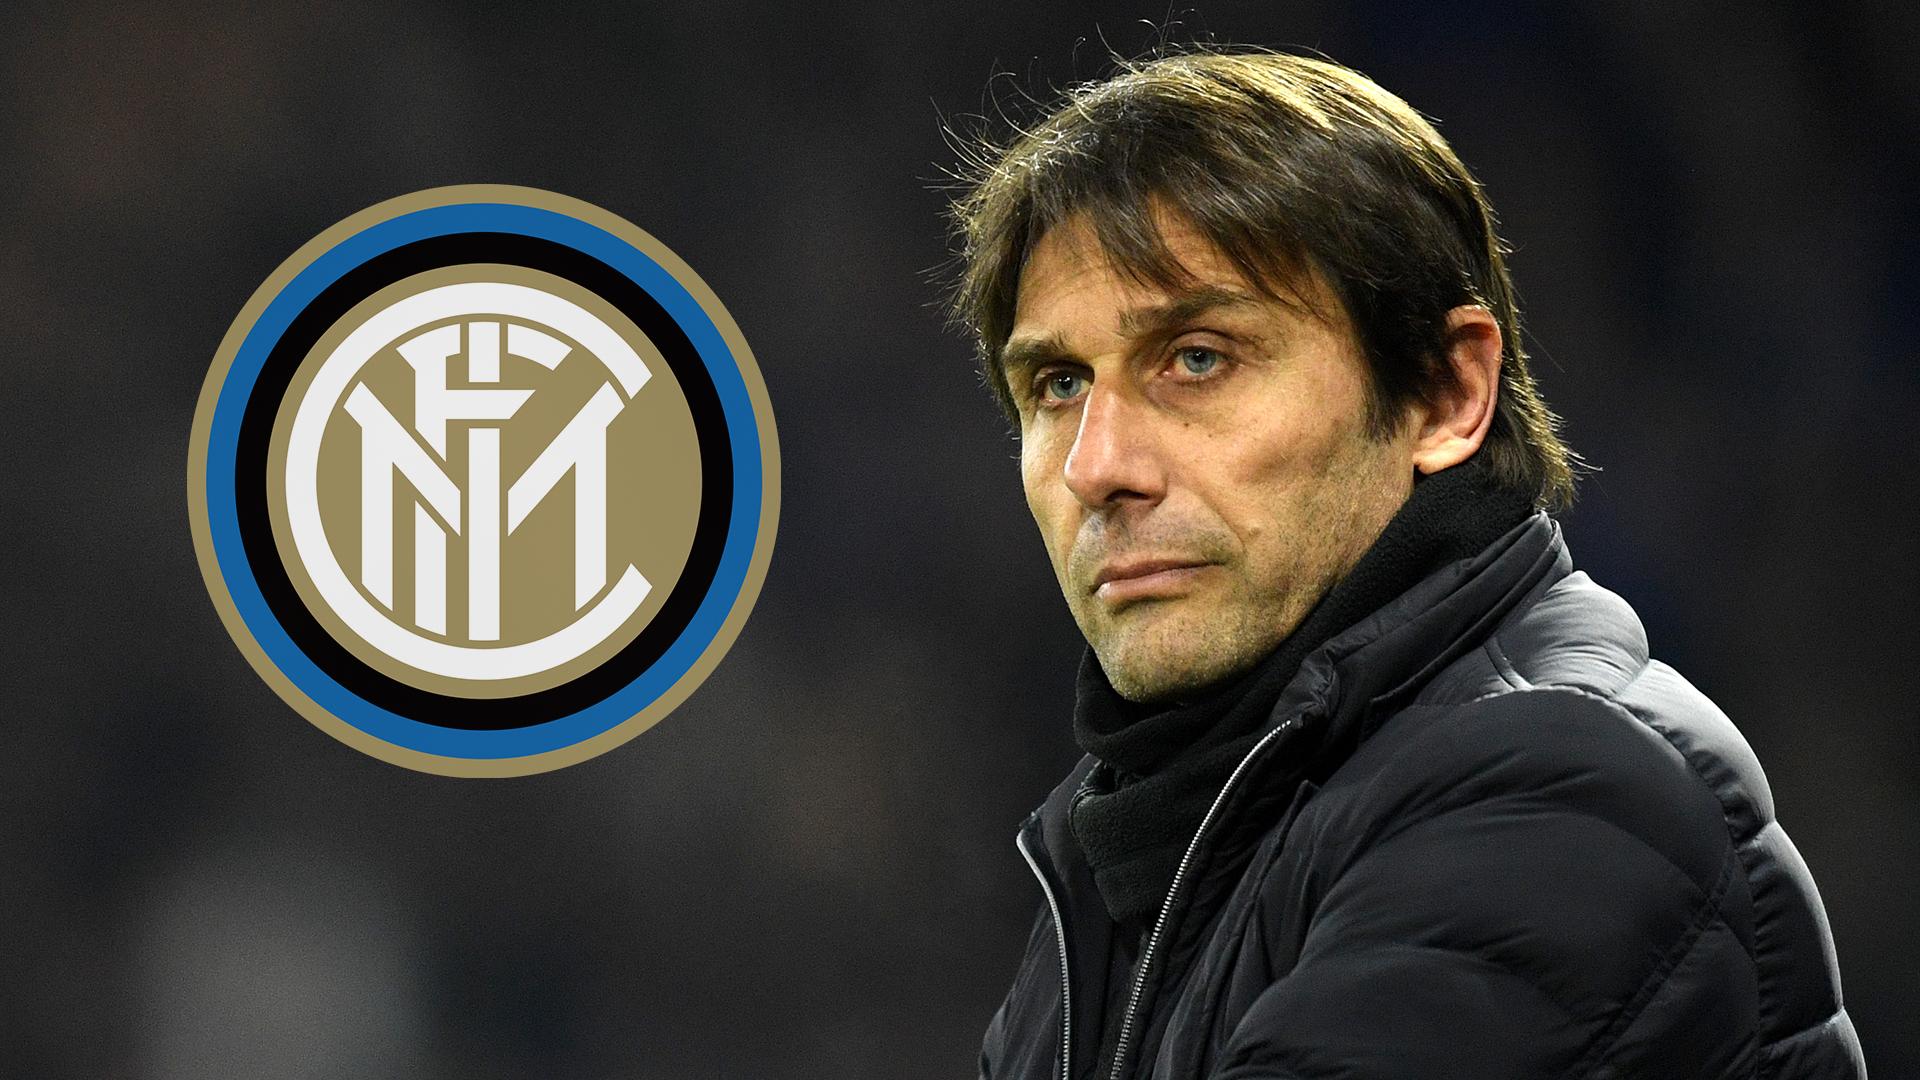 Arrivée imminente d'Antonio Conte à l'Inter de Milan